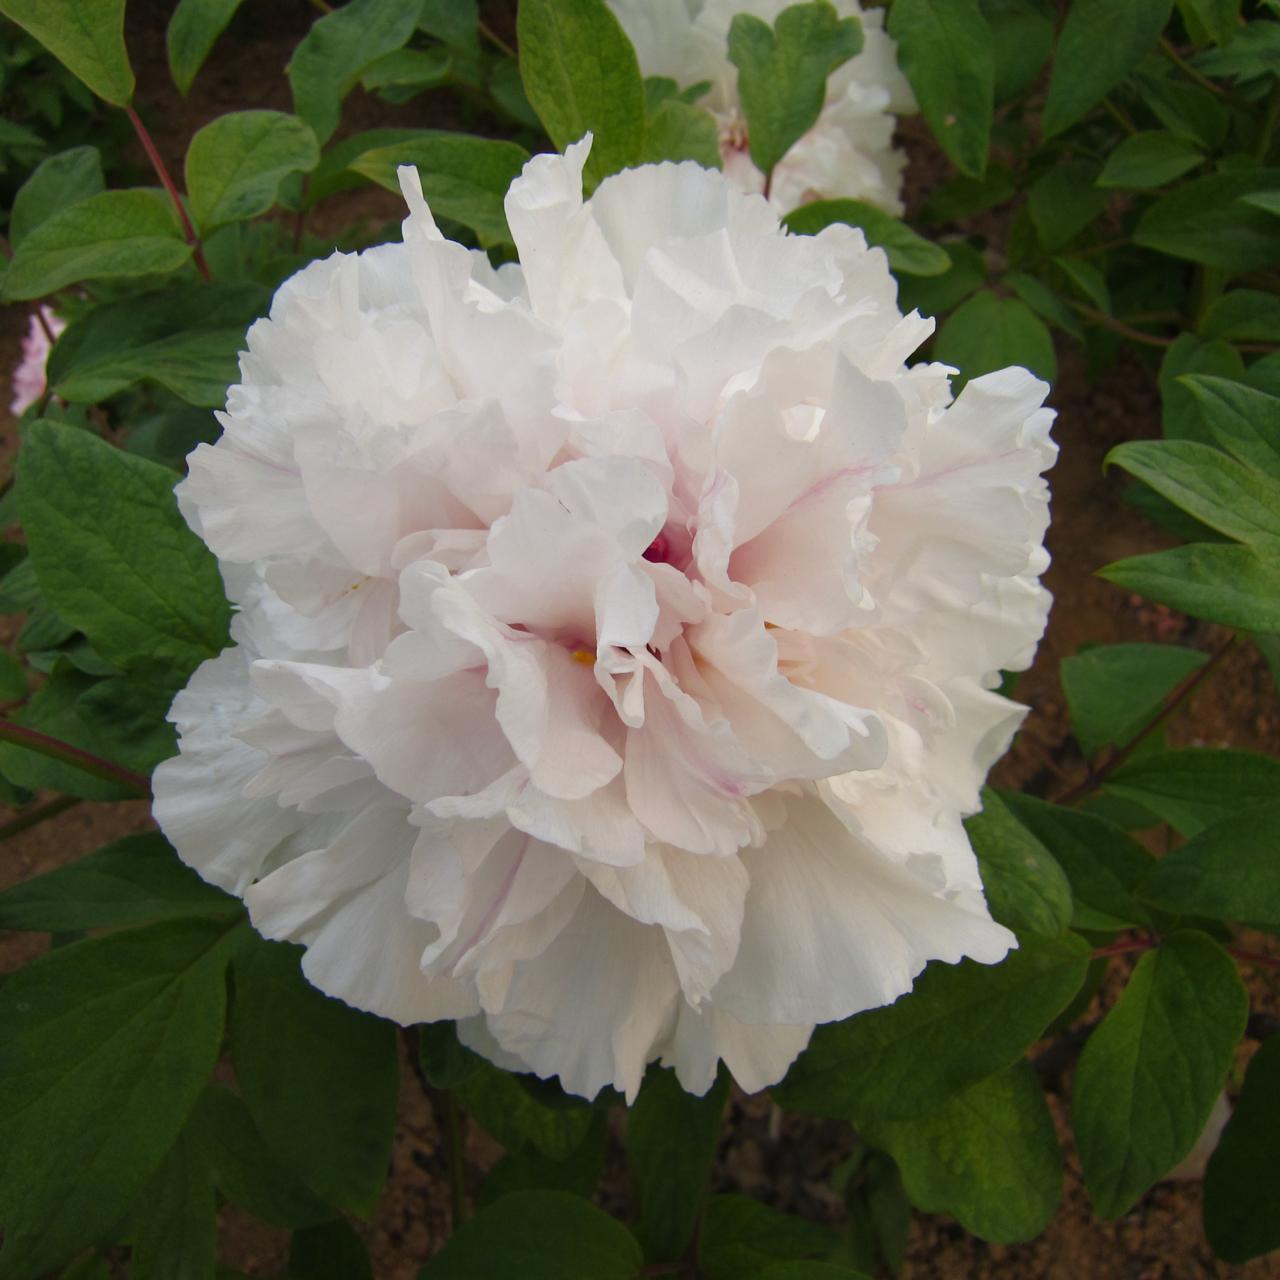 Paeonia suffruticosa 'Sai xue Ta' plant